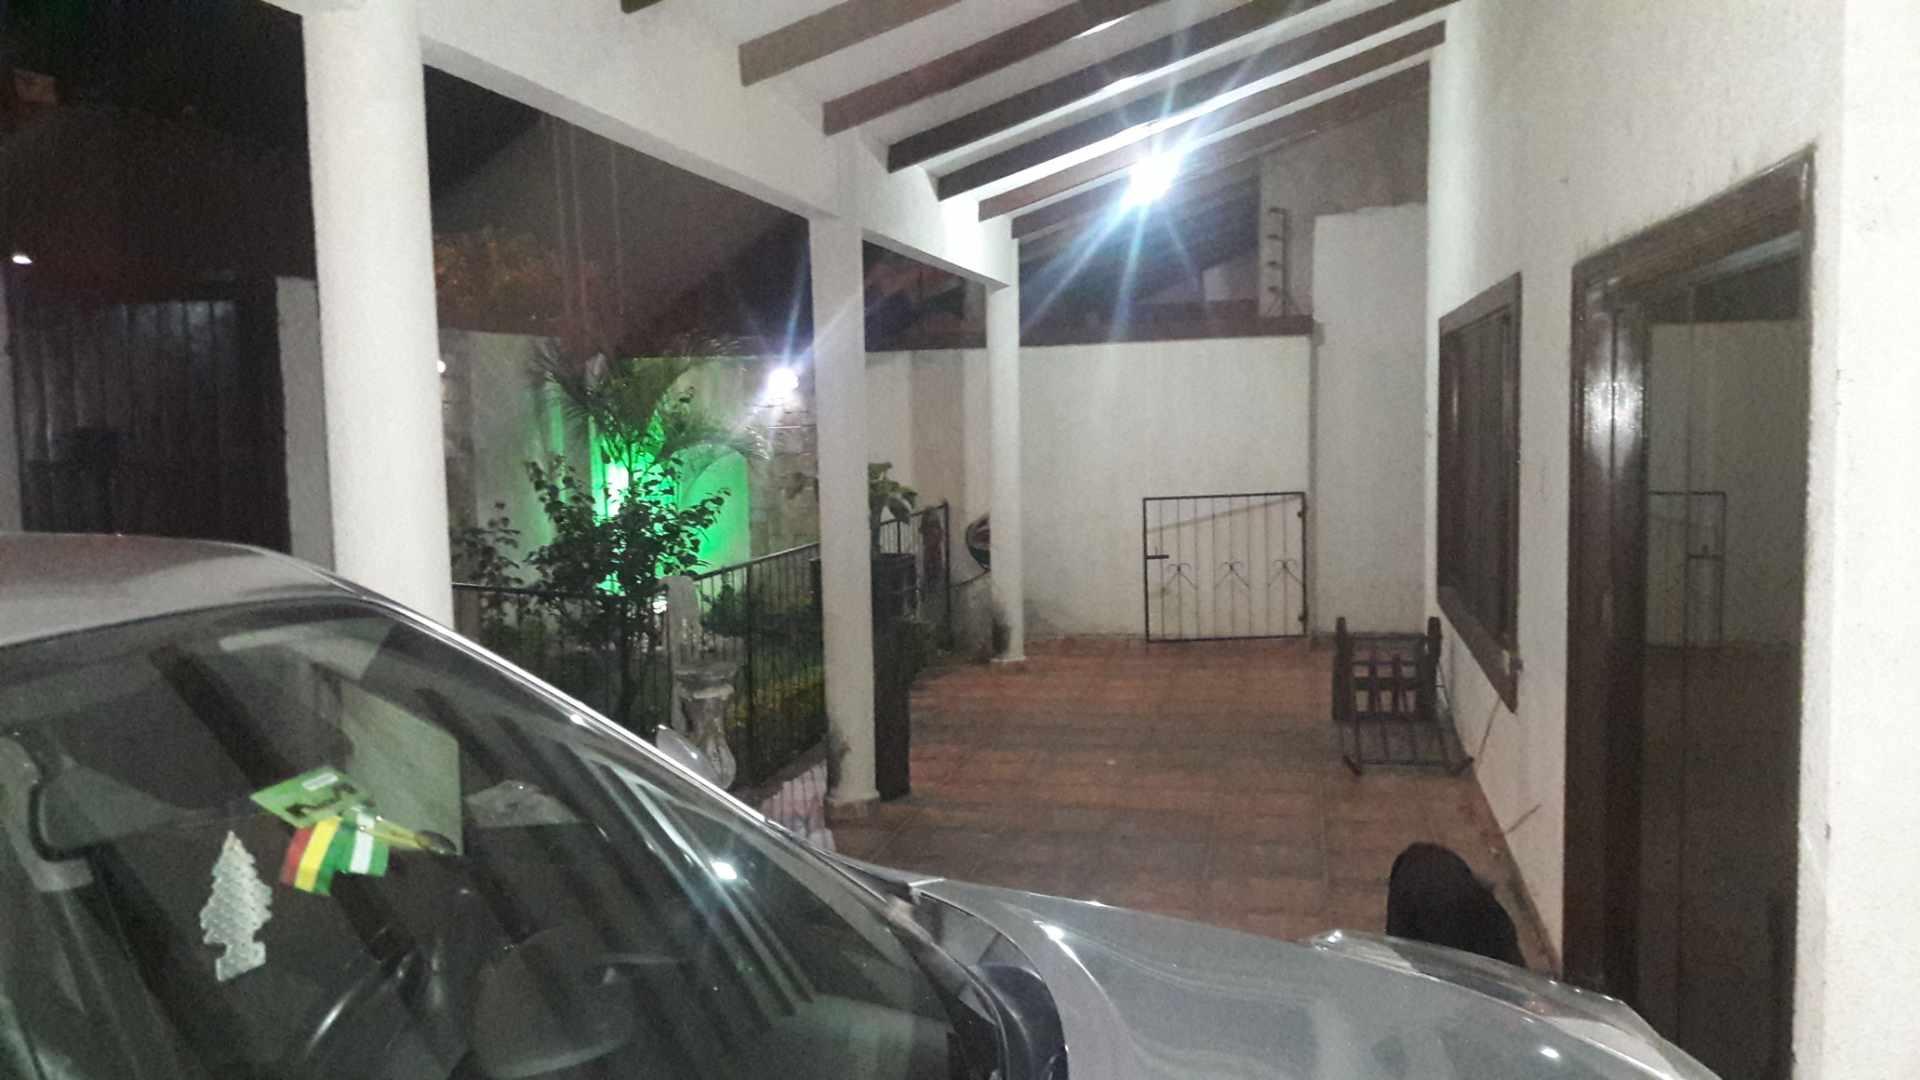 Casa en Venta Av monte cristo Foto 1